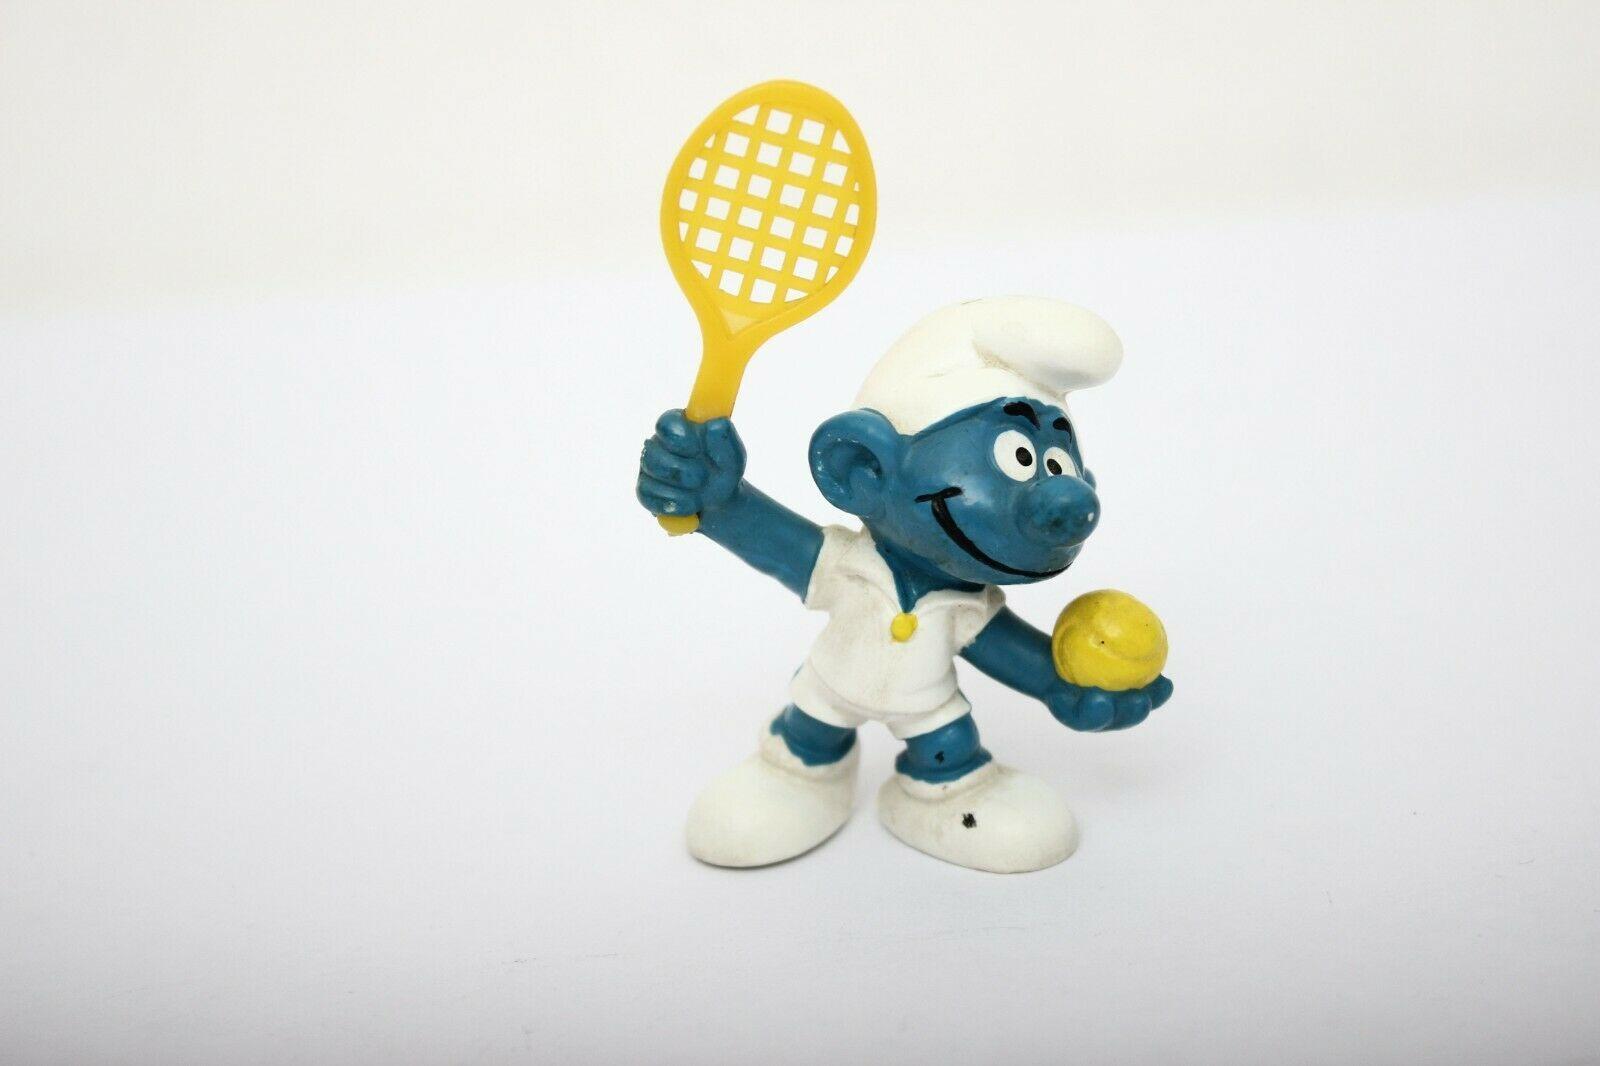 Smurfs Baby Smurf White Pajamas Rattle Vintage Figure  Toy Peyo Figurine